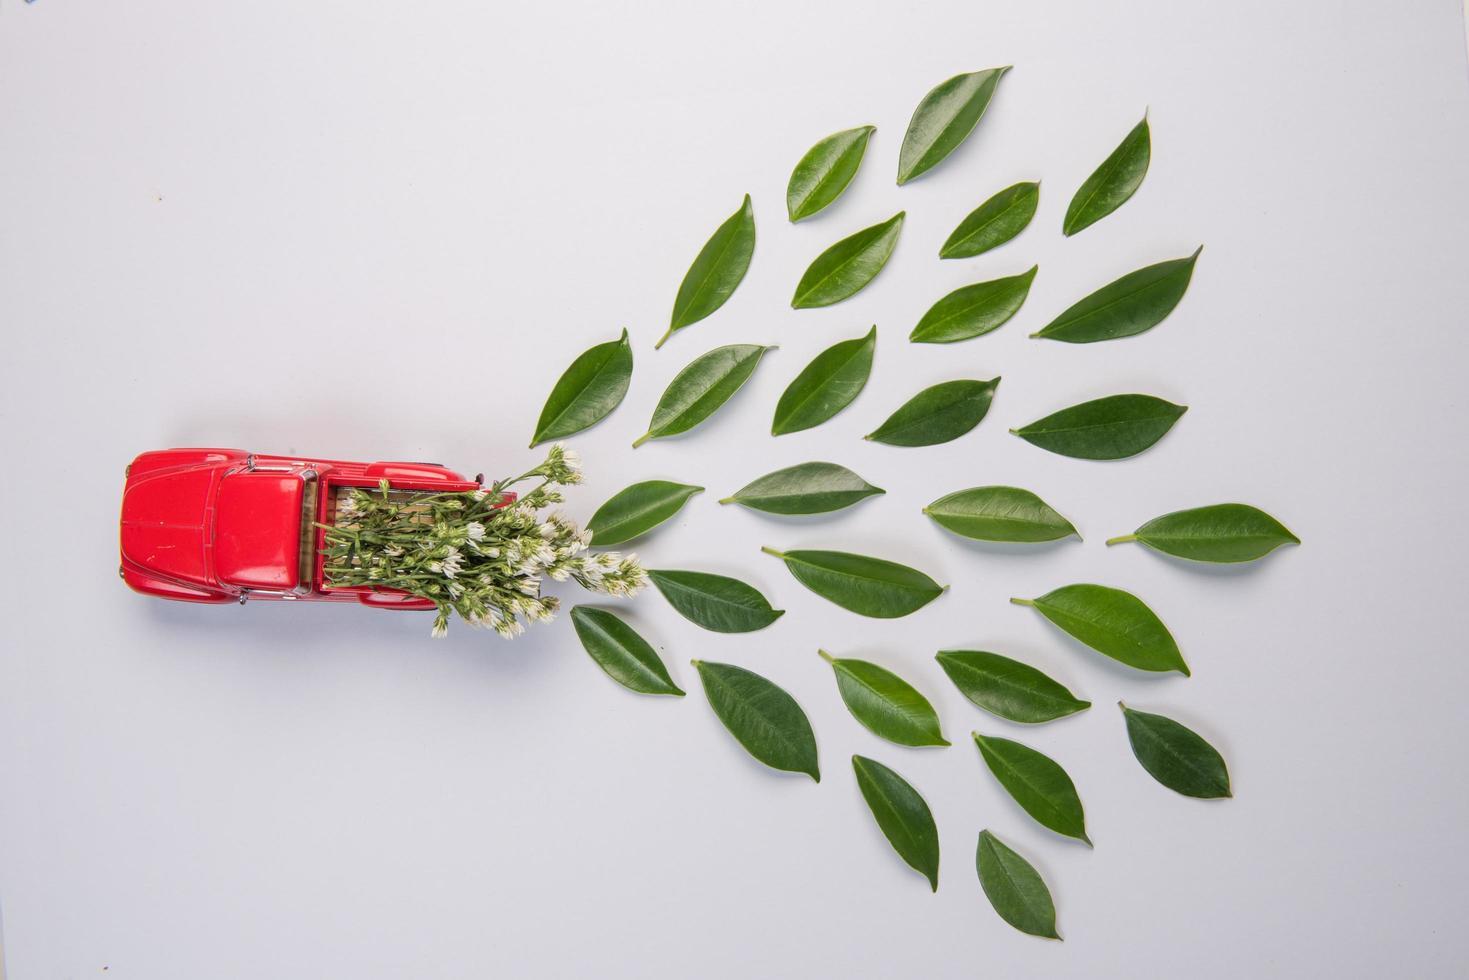 Automodell und Blätter auf weißem Hintergrund foto